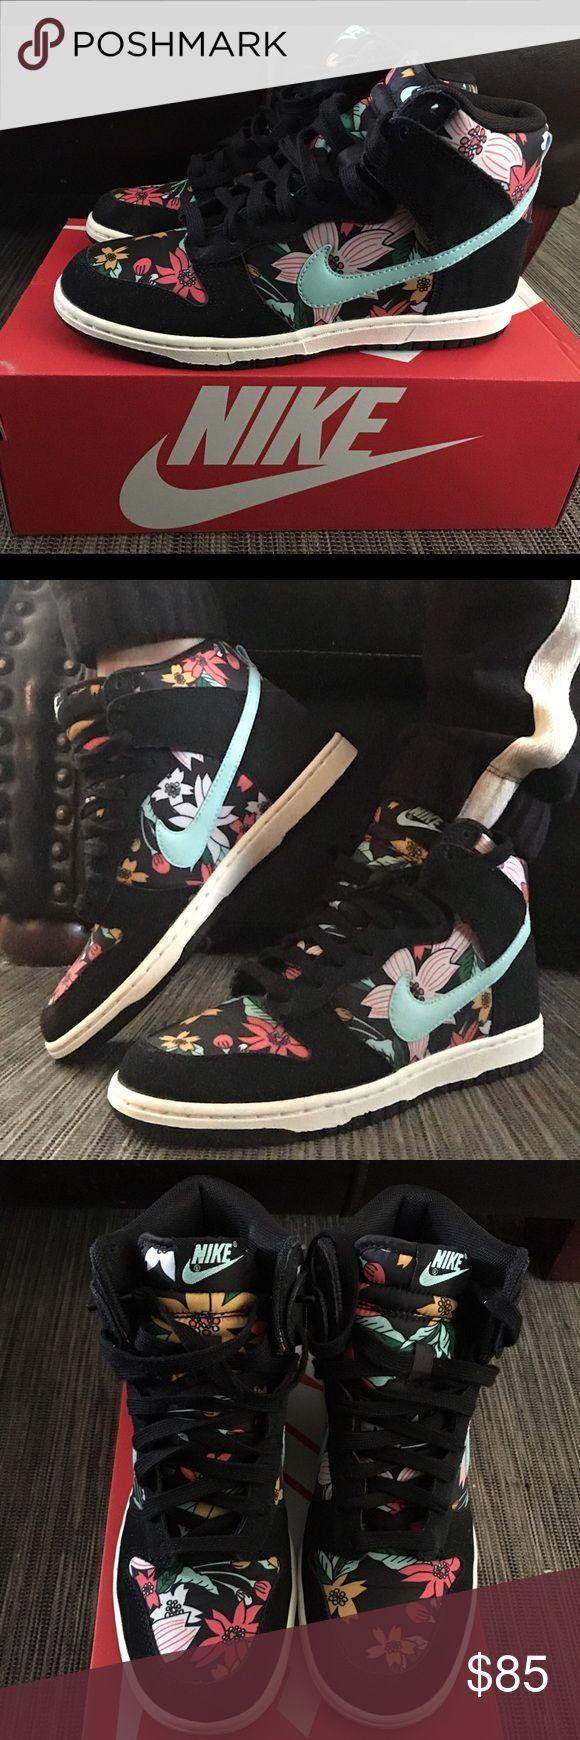 Nike Dunks Nike Dunk Aloha, never worn comes with box. Super cute print! Nike Shoes